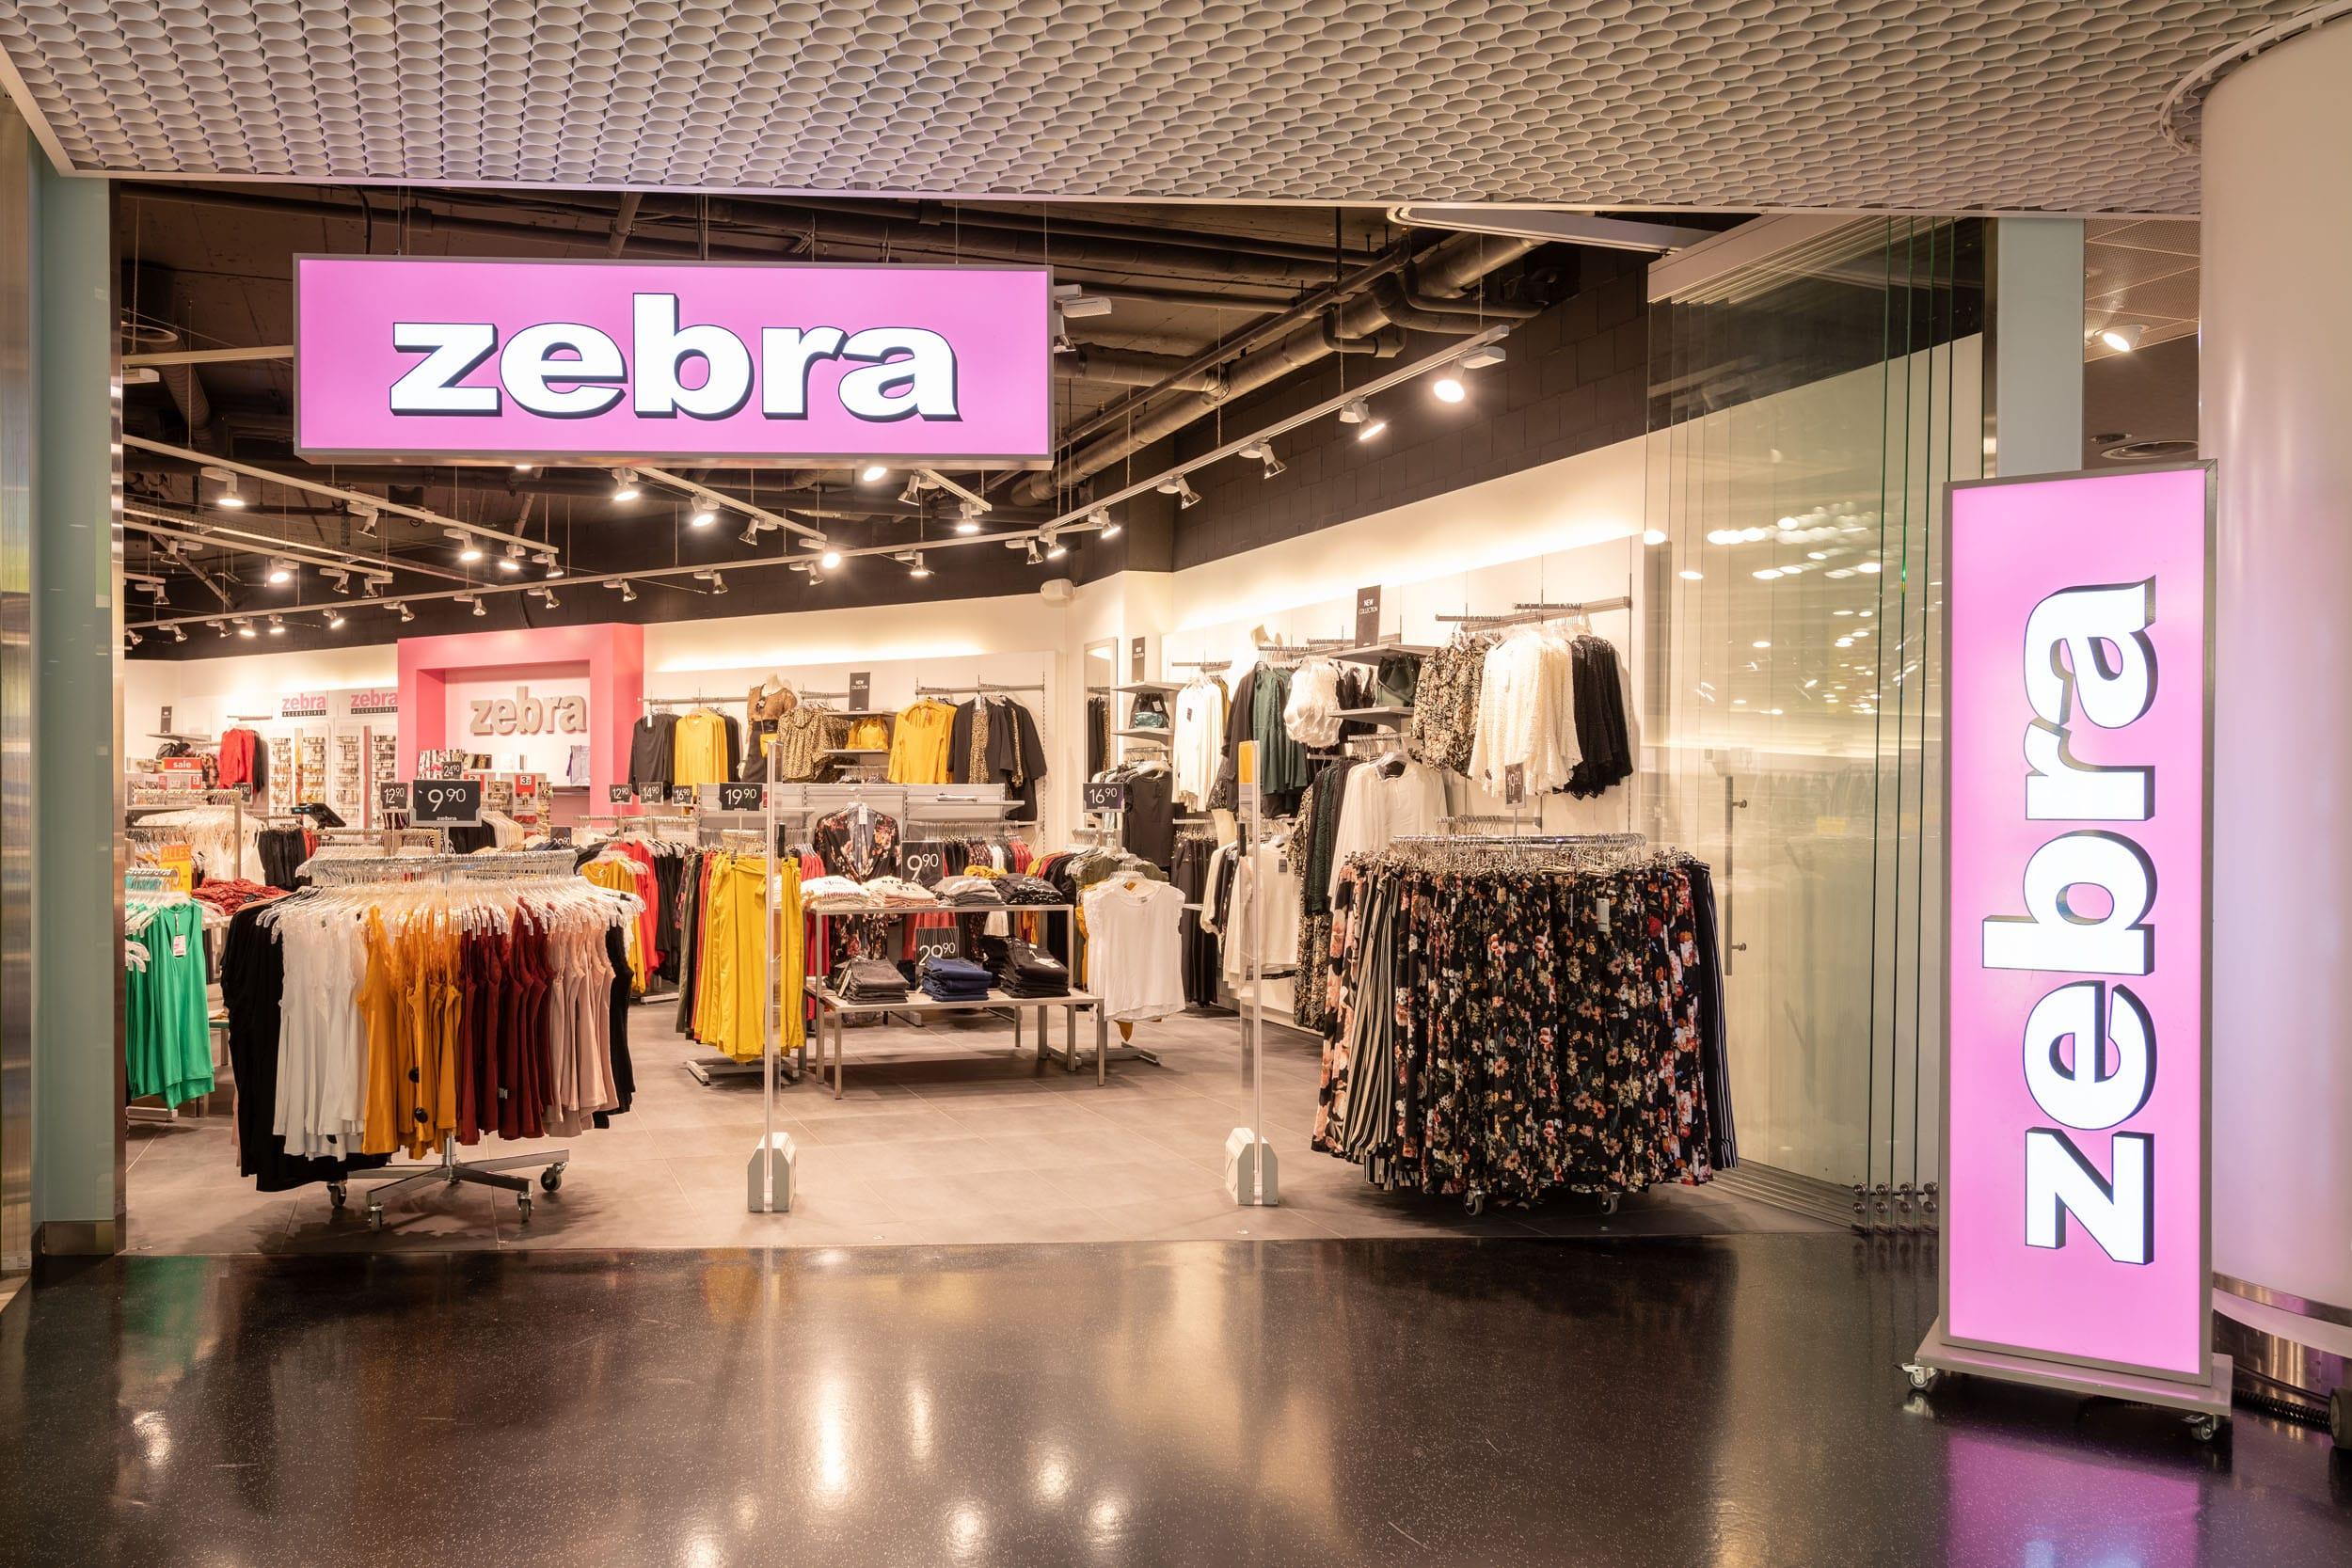 Zebra Fashion in Rapperswil